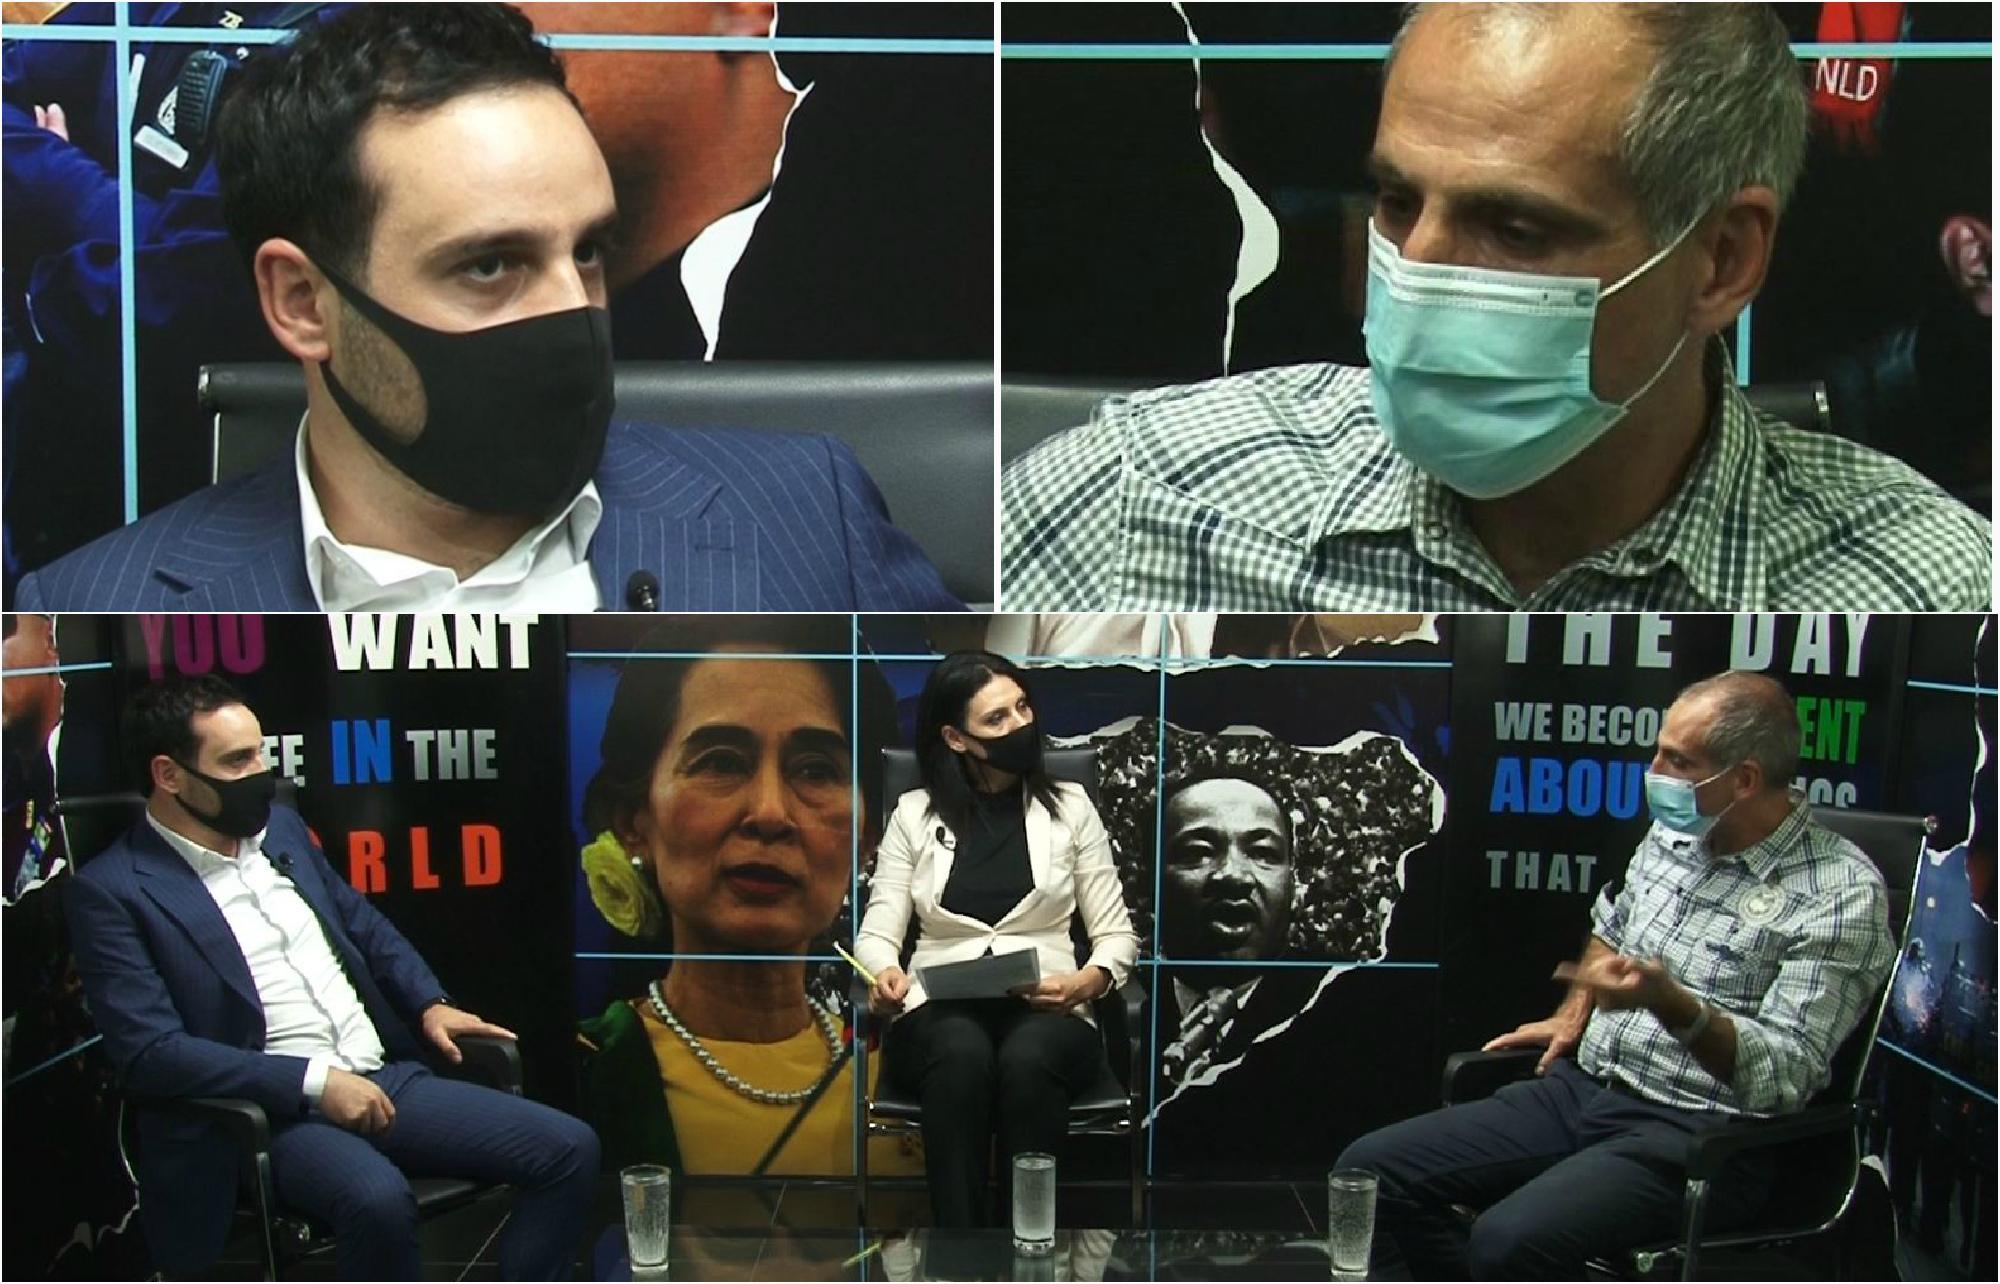 Photo of Գործարարները հոգնել են ցնցումներից. հարկավոր է քաղաքական կայունություն եւ իրավիճակ, որ չխաբեն պետությանը